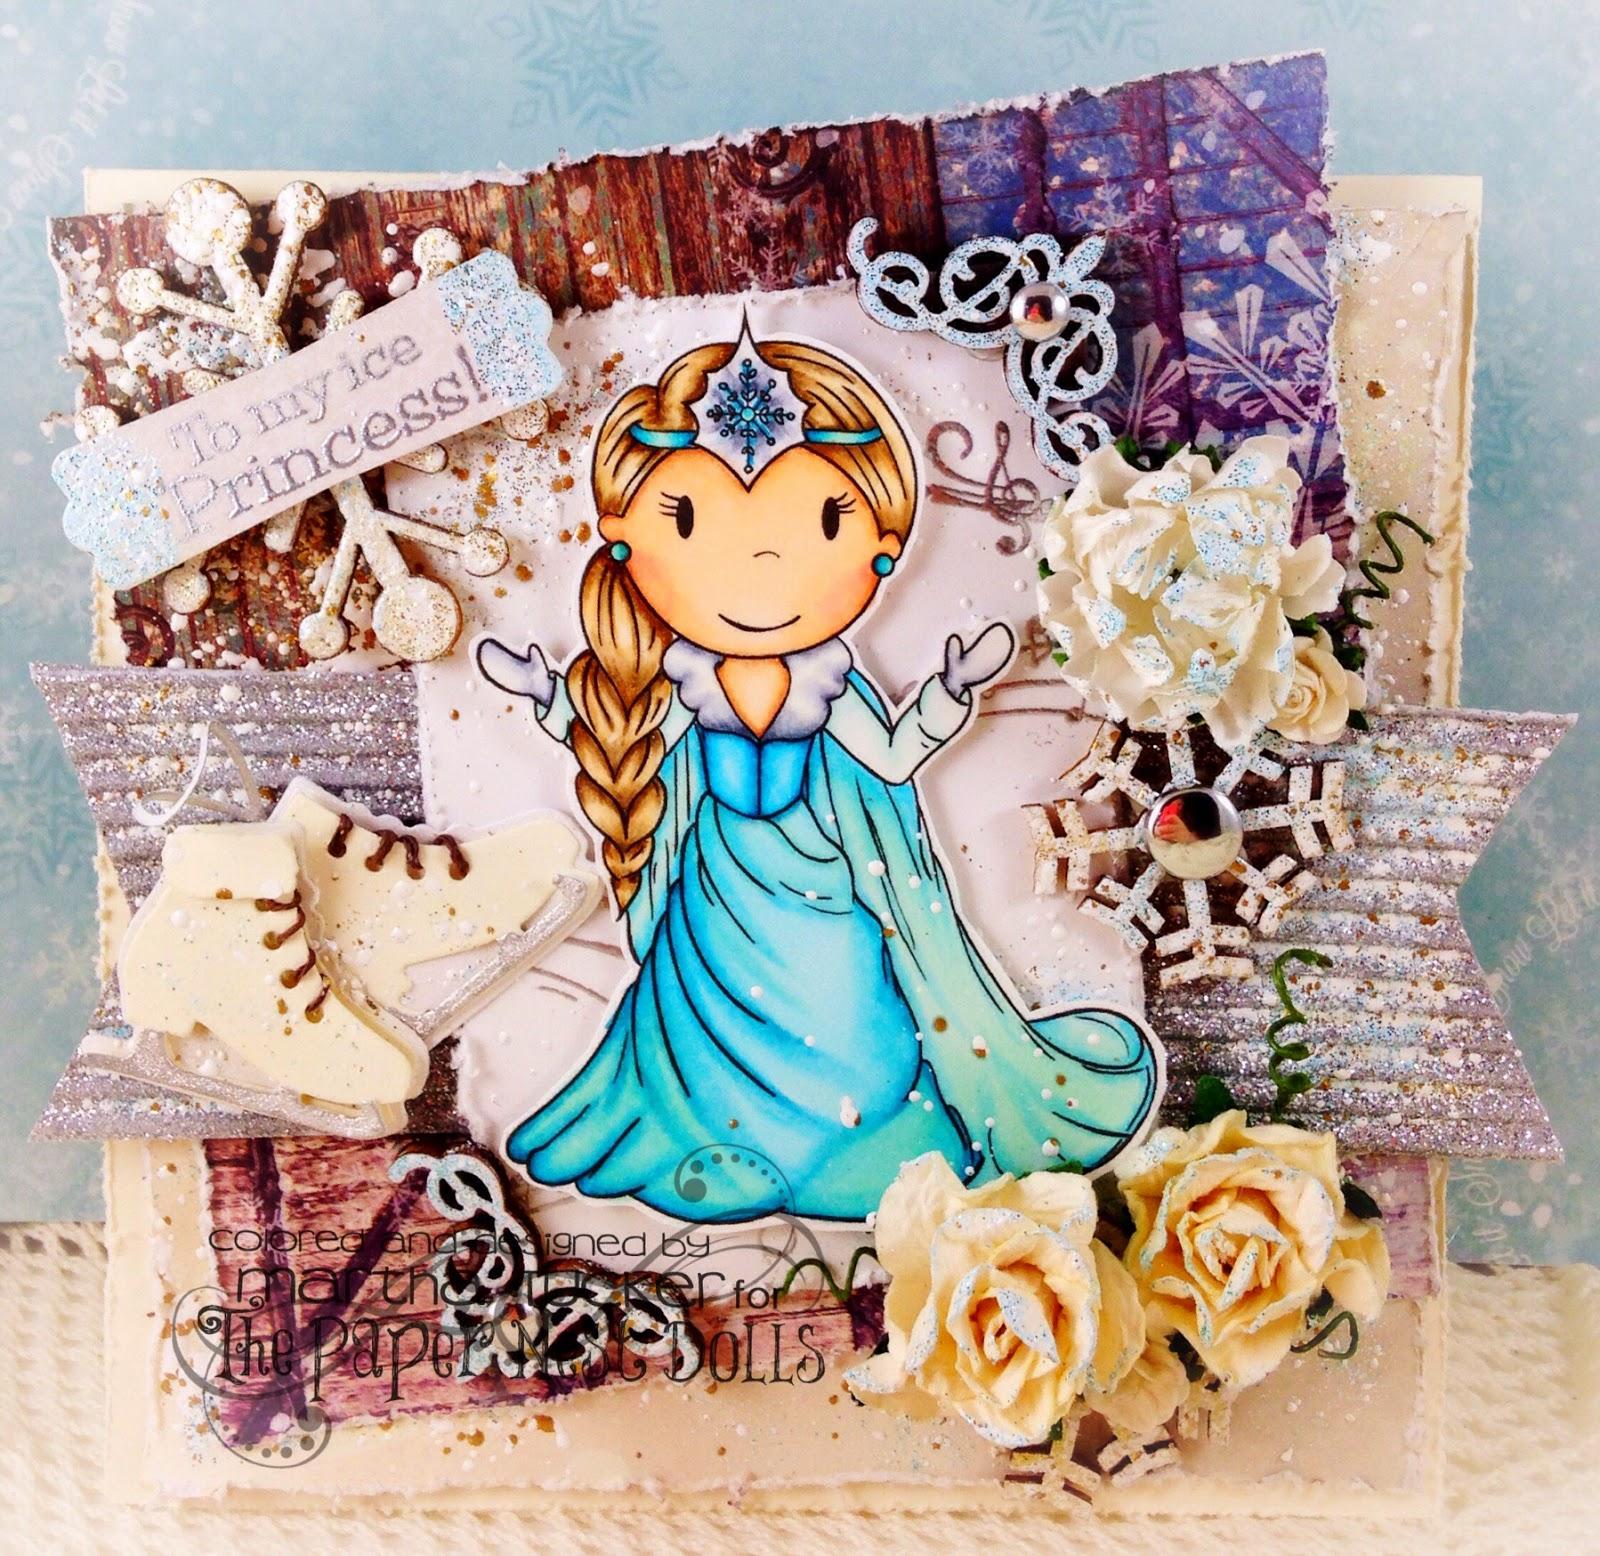 http://4.bp.blogspot.com/-Bu7tHxMqbNc/VKxyKK0fzqI/AAAAAAAABpE/qt3wx6HPBmI/s1600/image.jpg